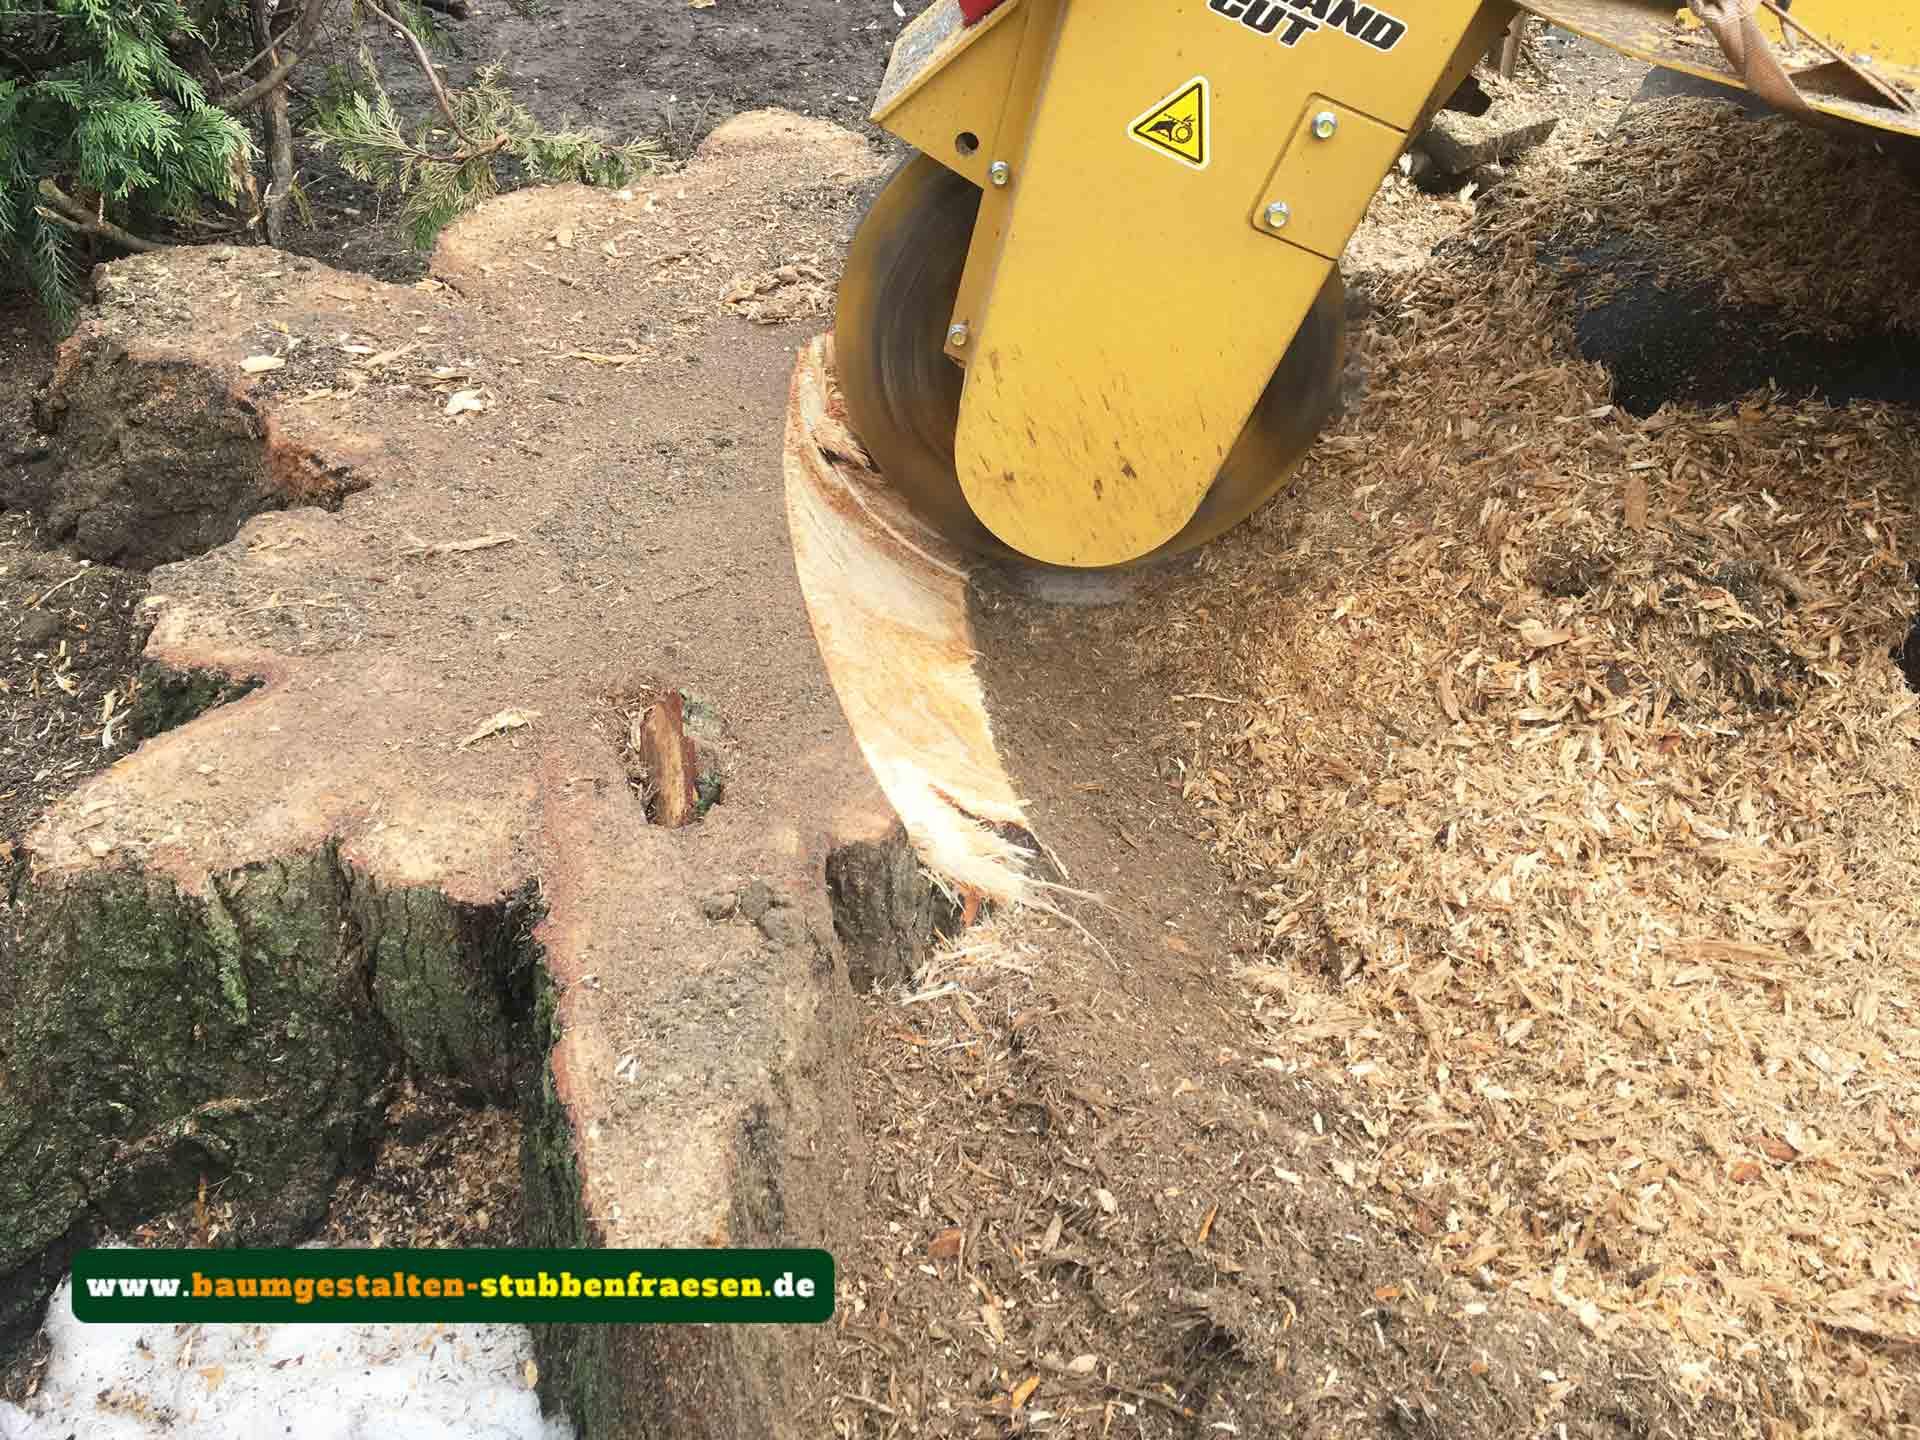 Etwas Neues genug Stubbenfräsen zum Baumstumpf entfernen - Baumgestalten #PZ_16